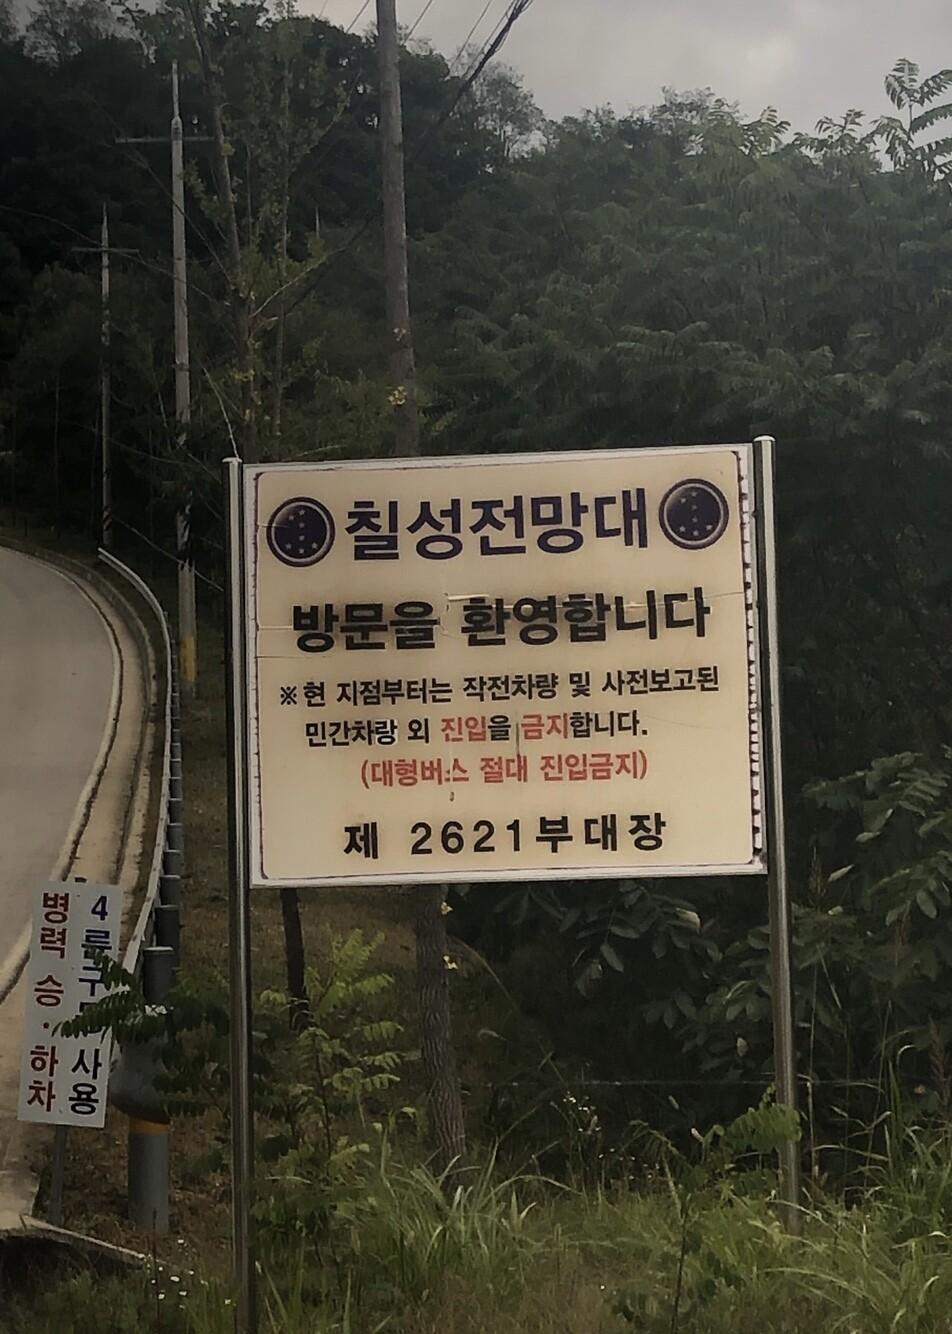 칠성전망대를 알리는 표지판이 전망대로 향하는 길 중턱에 세워져 있다.